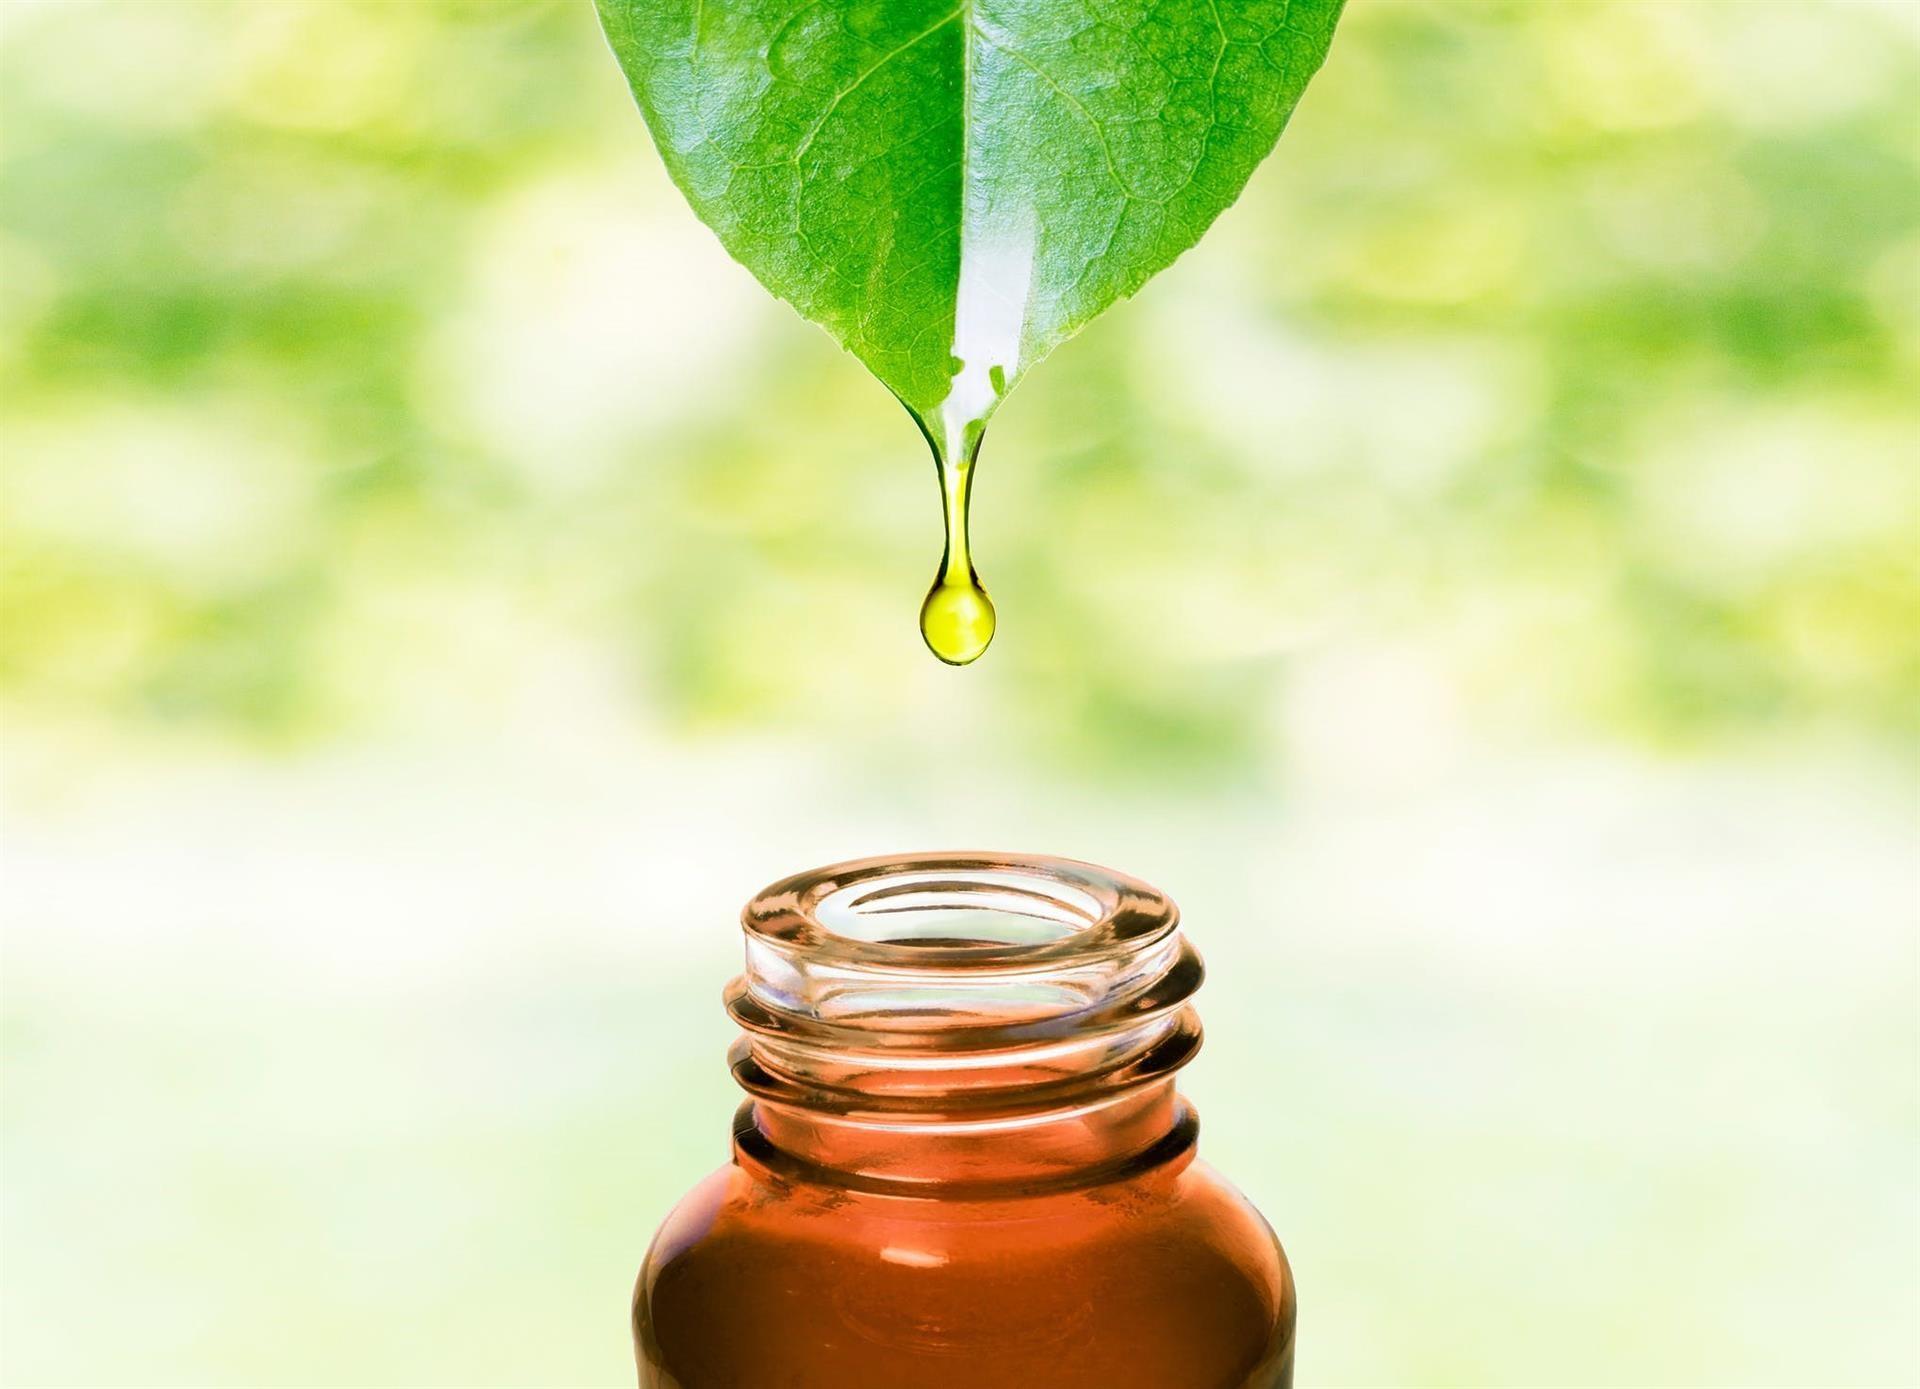 Aceites esenciales: formulaciones preciosas con múltiples usos